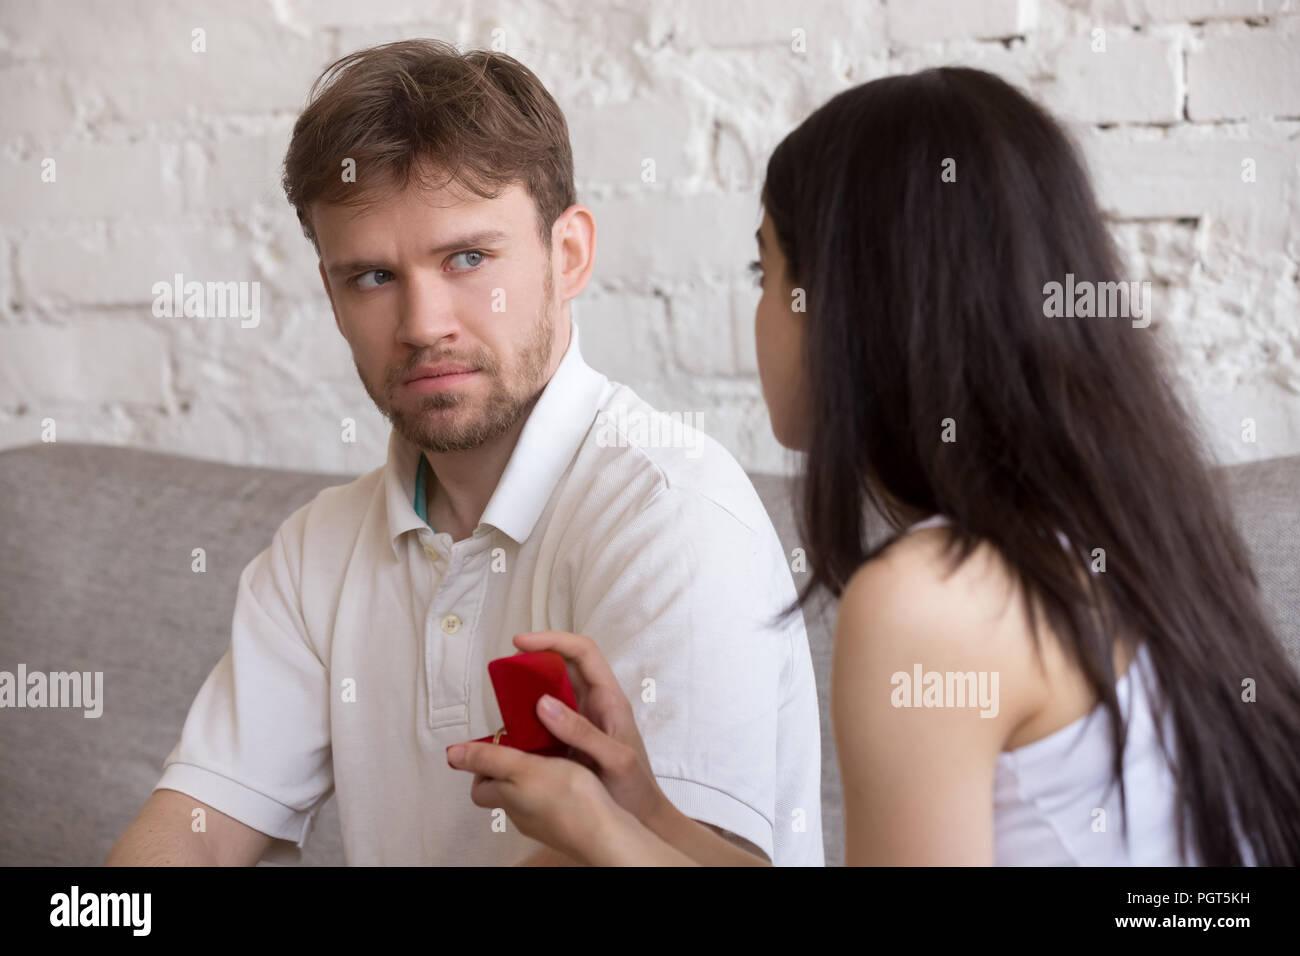 Mujer decisivo pidiendo desconcertado para casarse con su amante Imagen De Stock